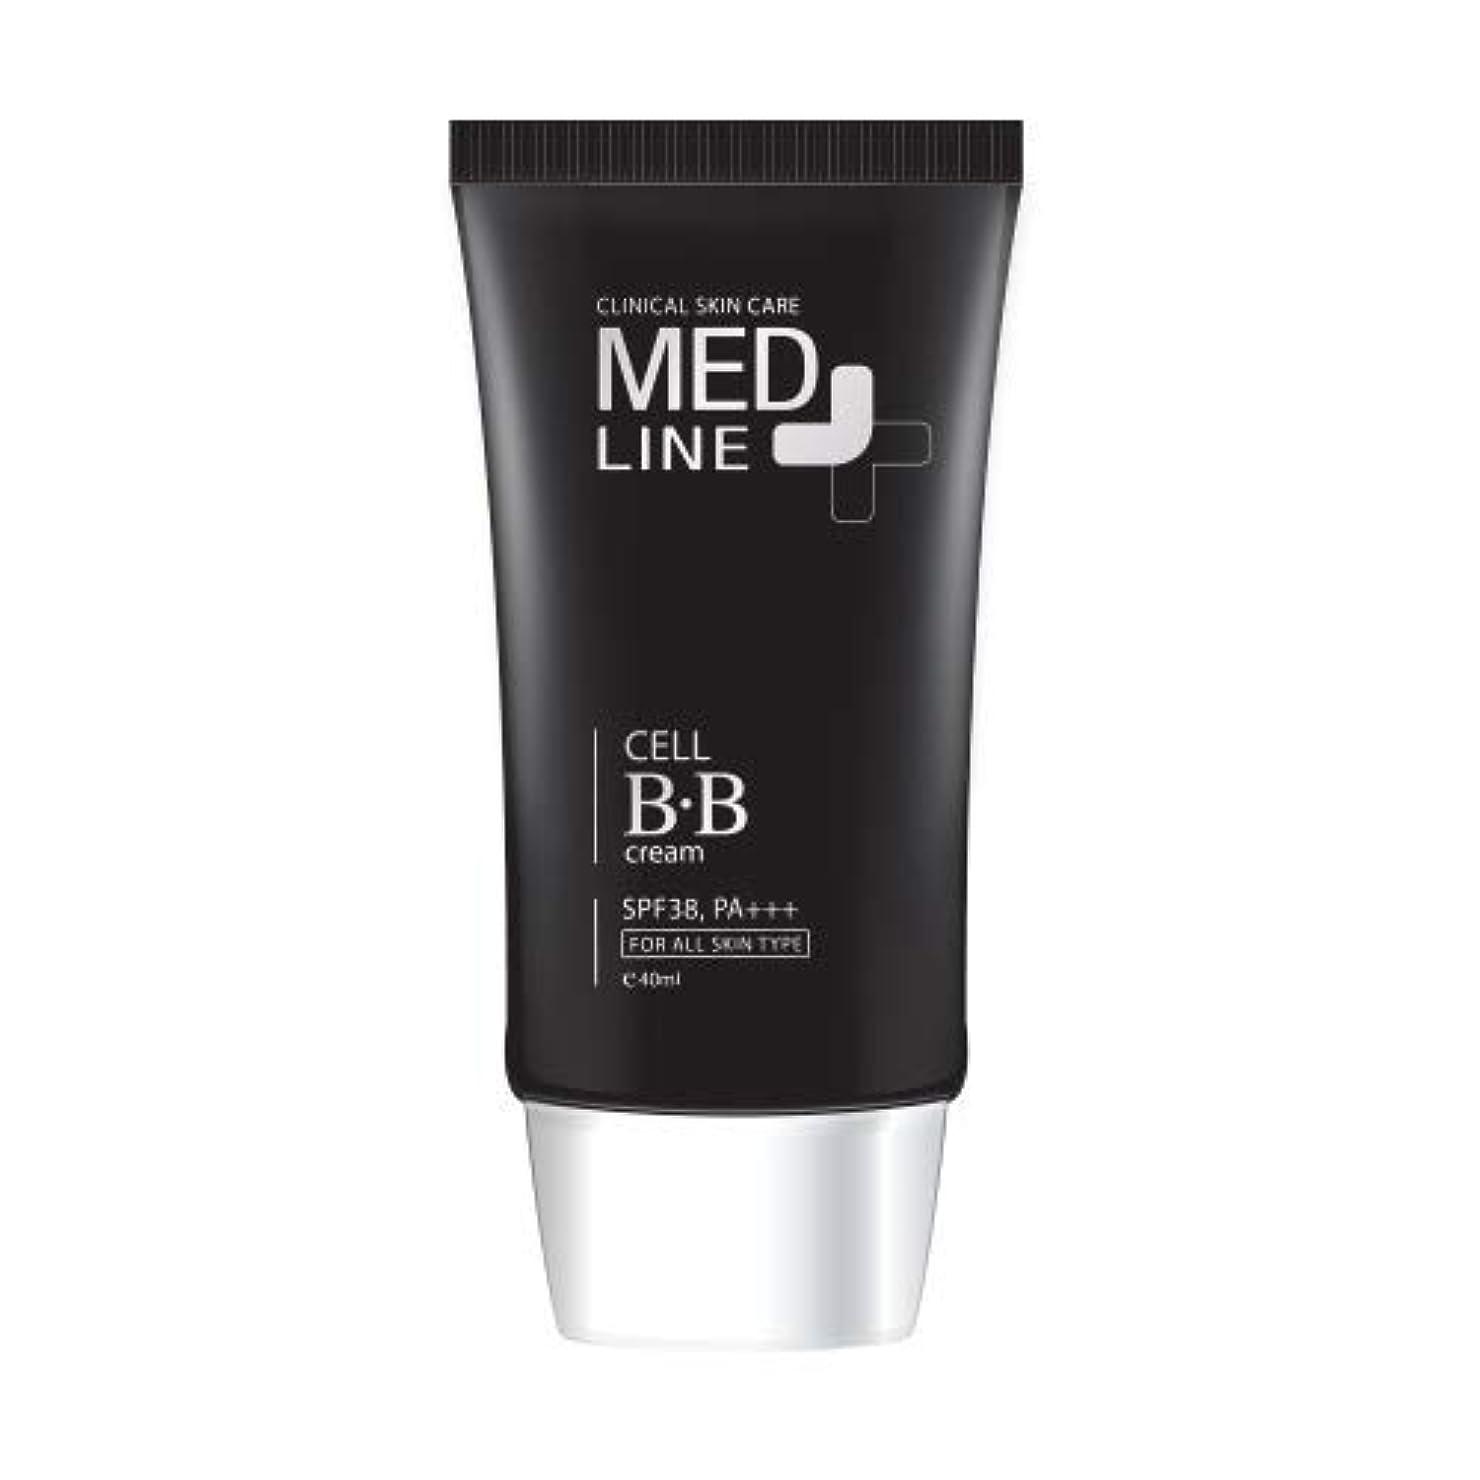 戦士オーブン無謀メドライン(Med Line) セルBBクリーム(Cell B.B Cream)